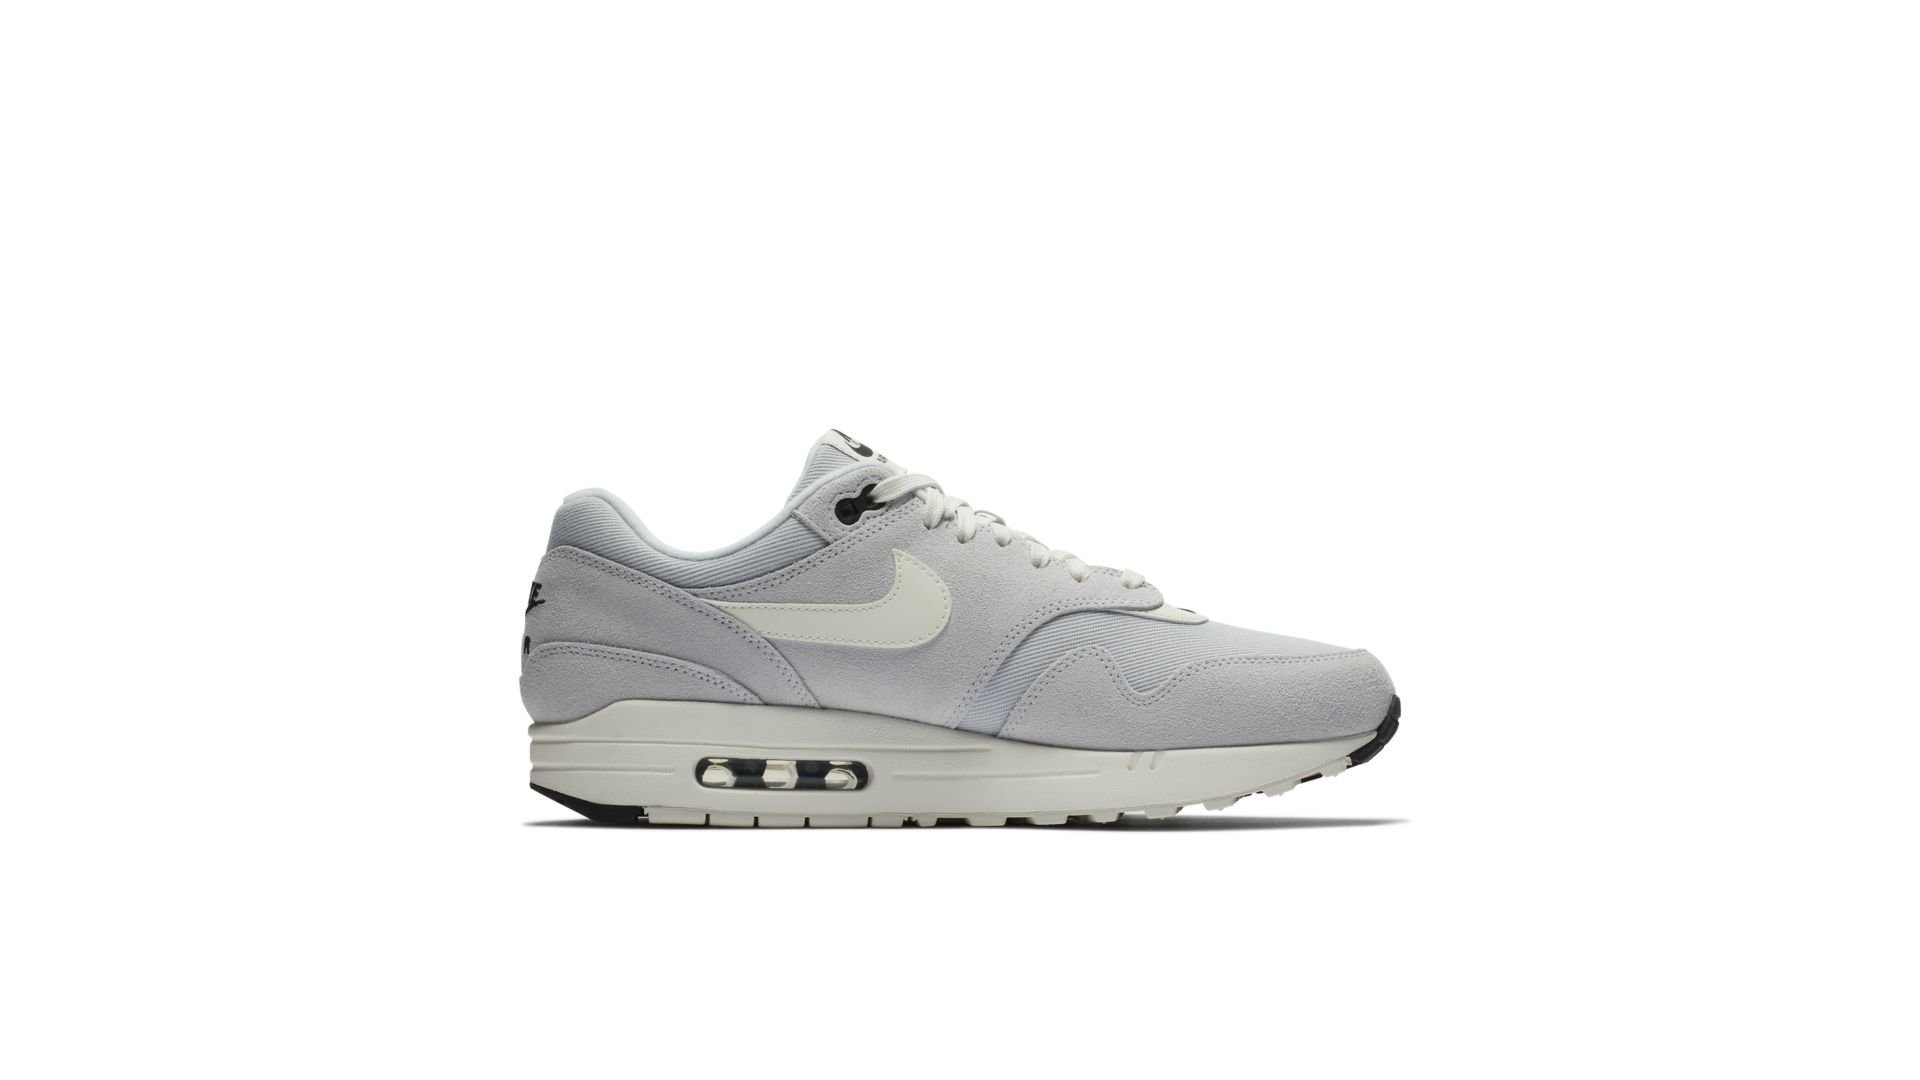 Nike Air Max 1 Premium 875844-006